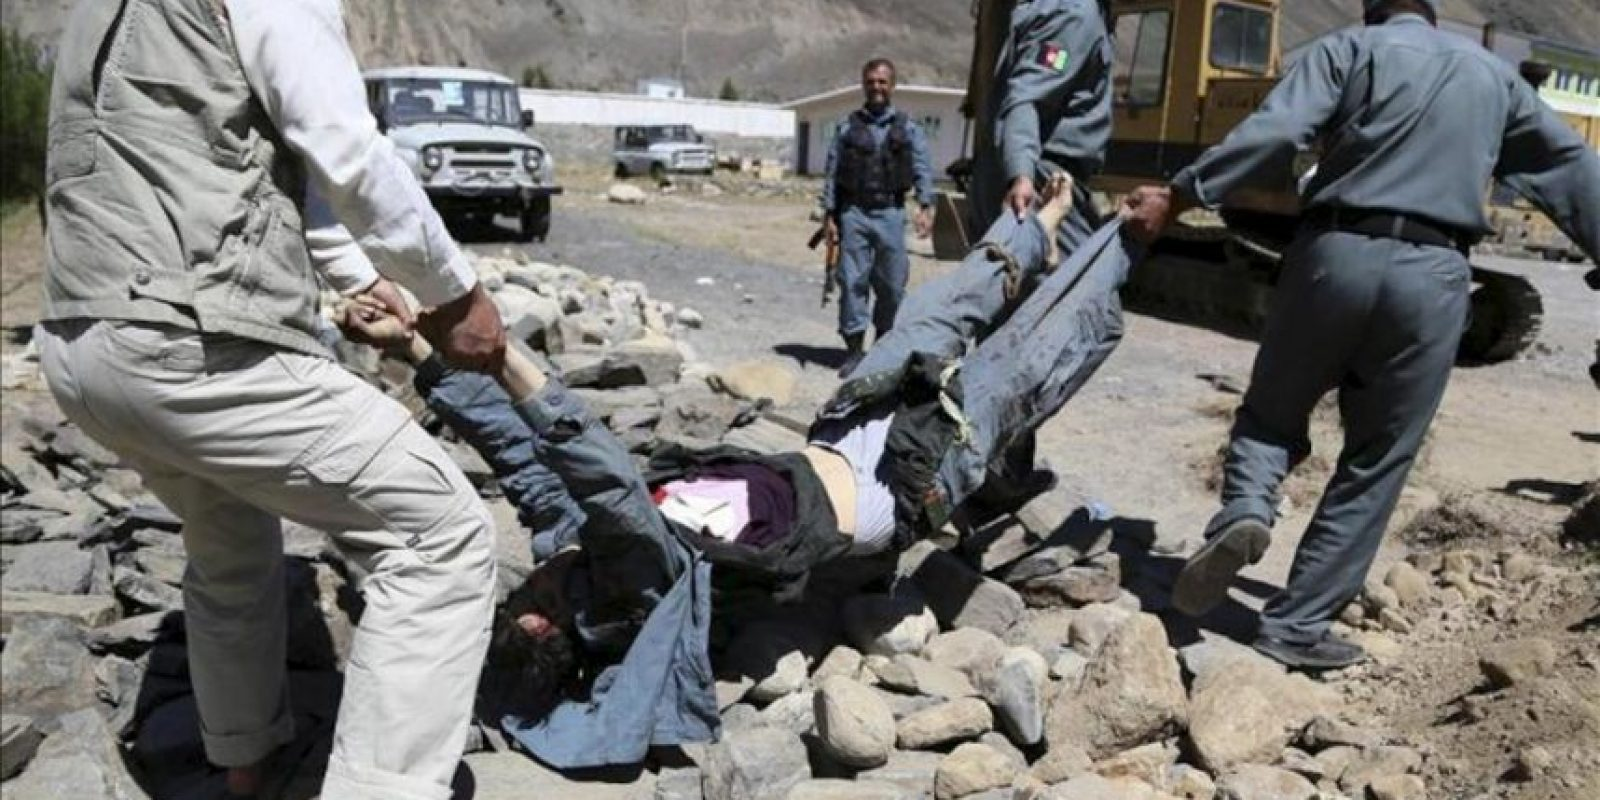 Varios policías afganos retiran el cadáver de uno de los supuestos implicados en un ataque contra la residencia del gobernador de la provincia de Panjshir, en el norte de Afganistán. EFE